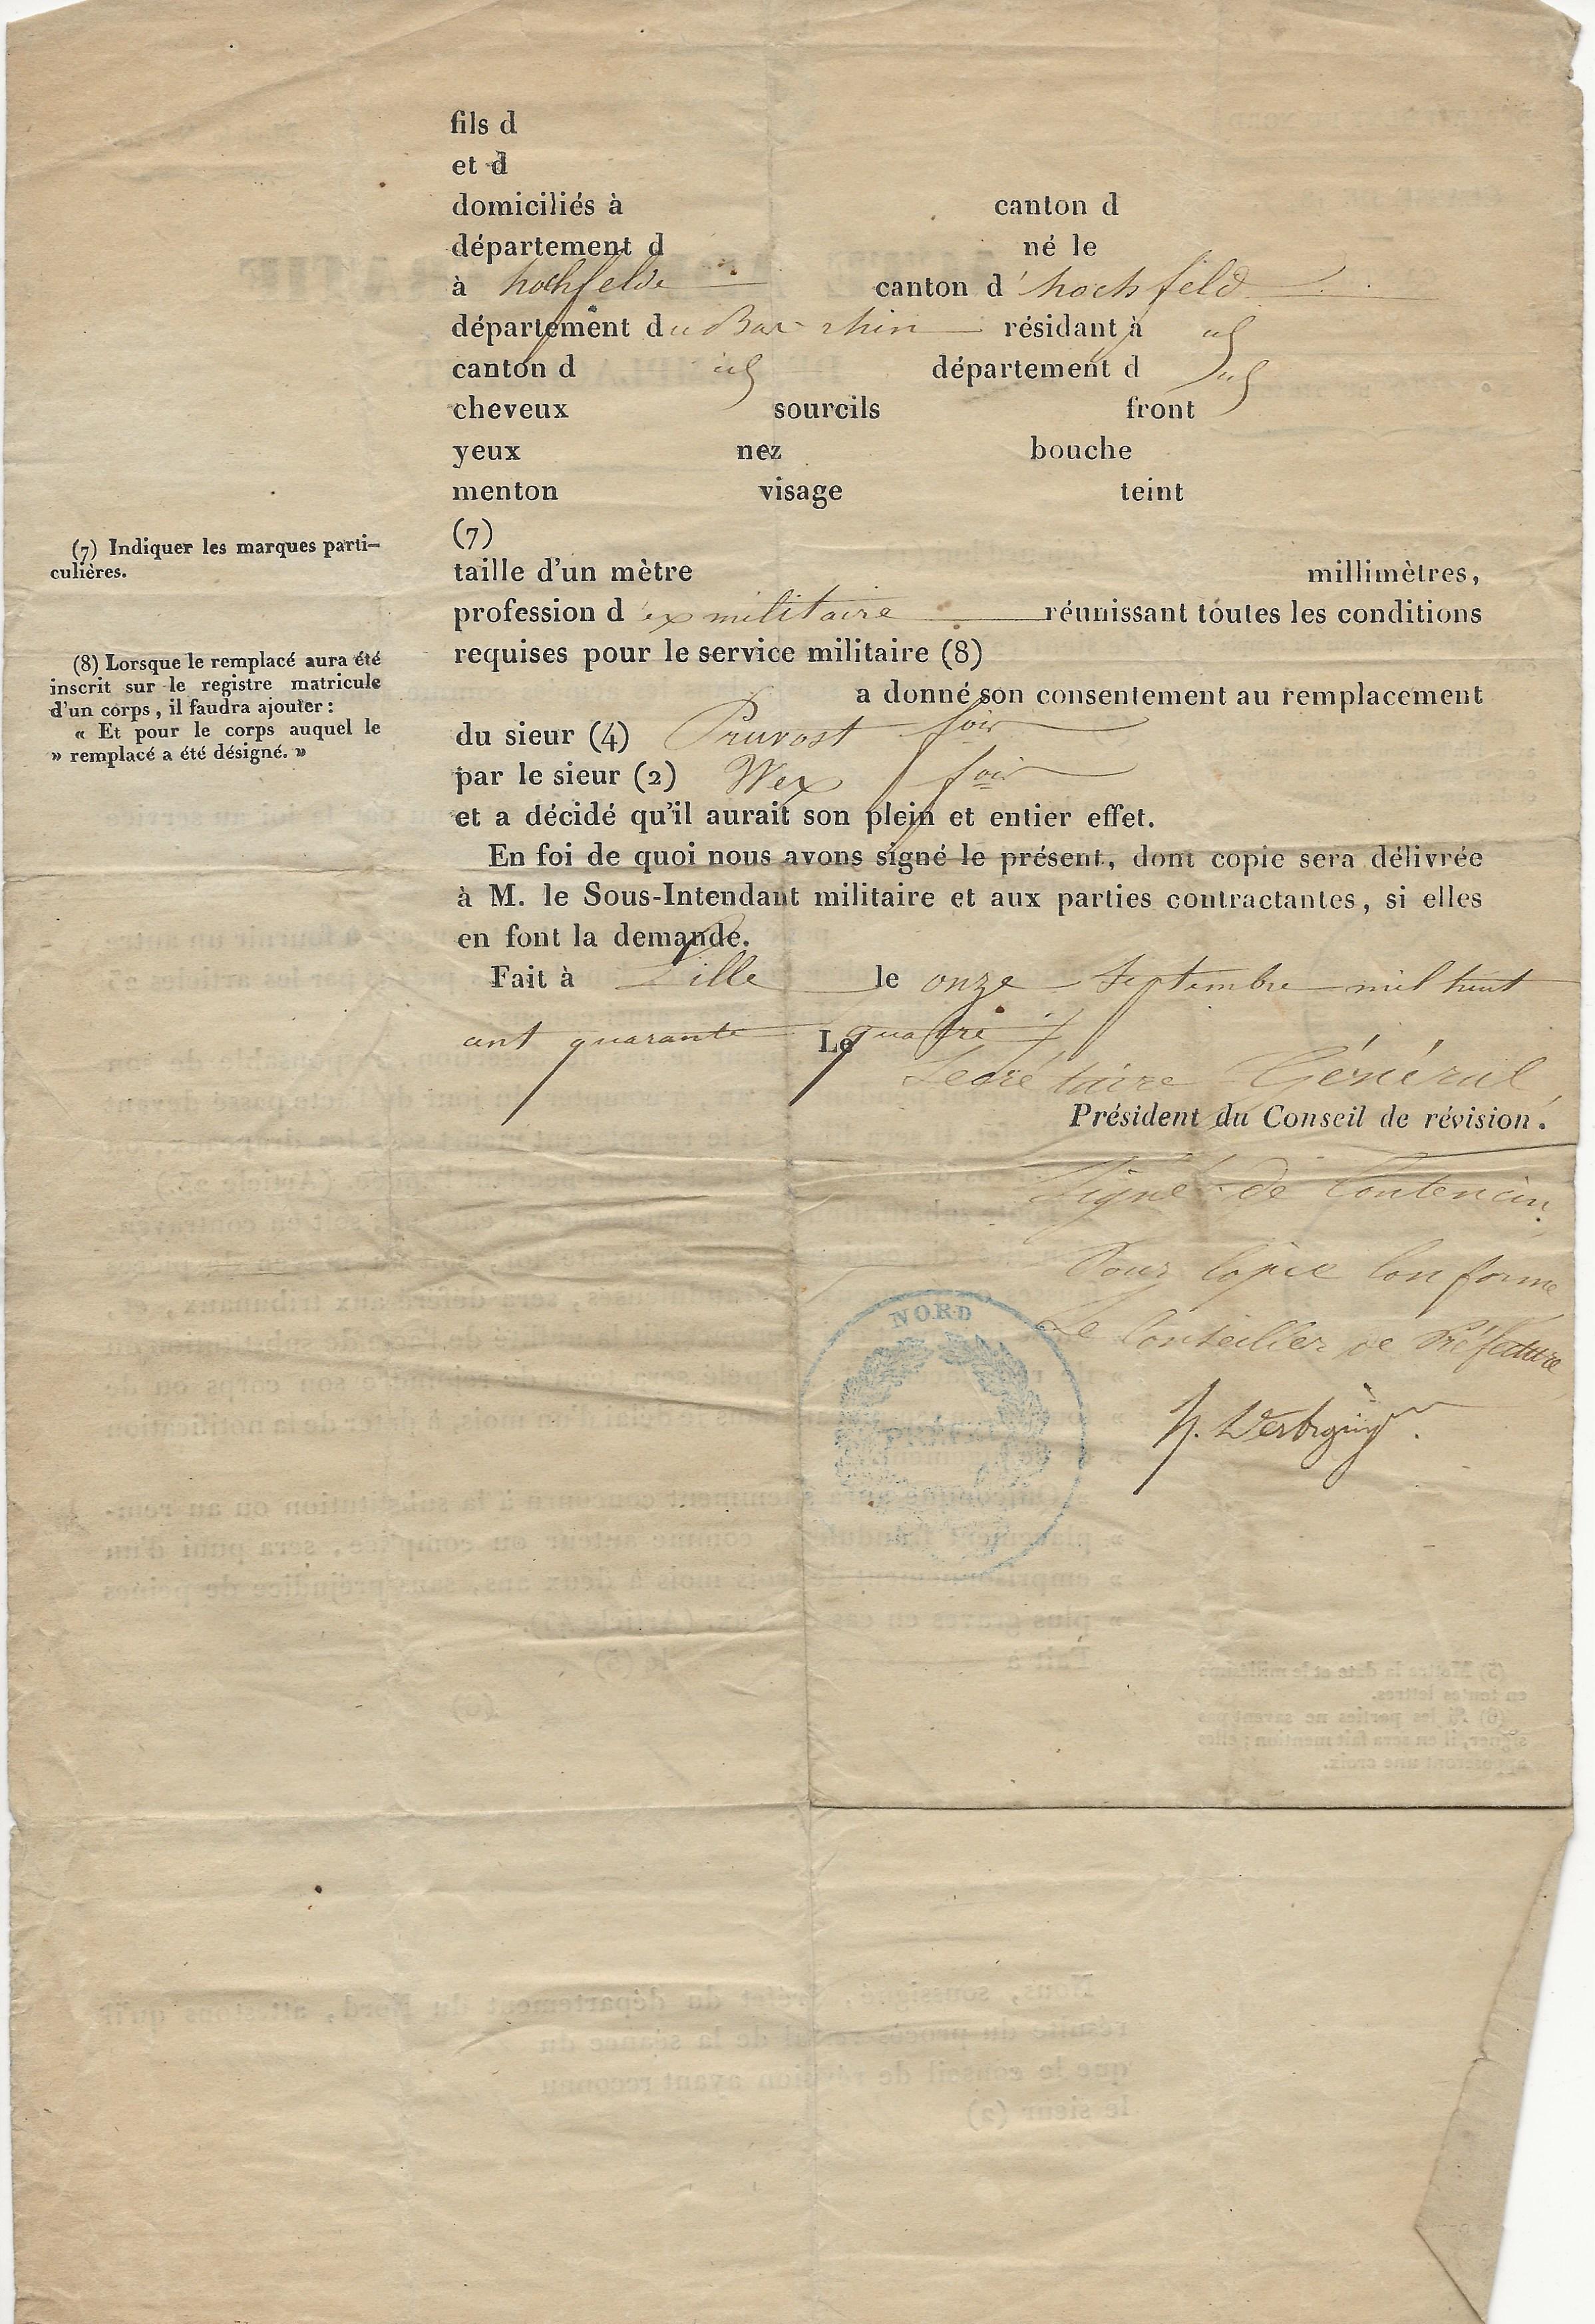 1844 acte de remplacement de francois pruvot 002